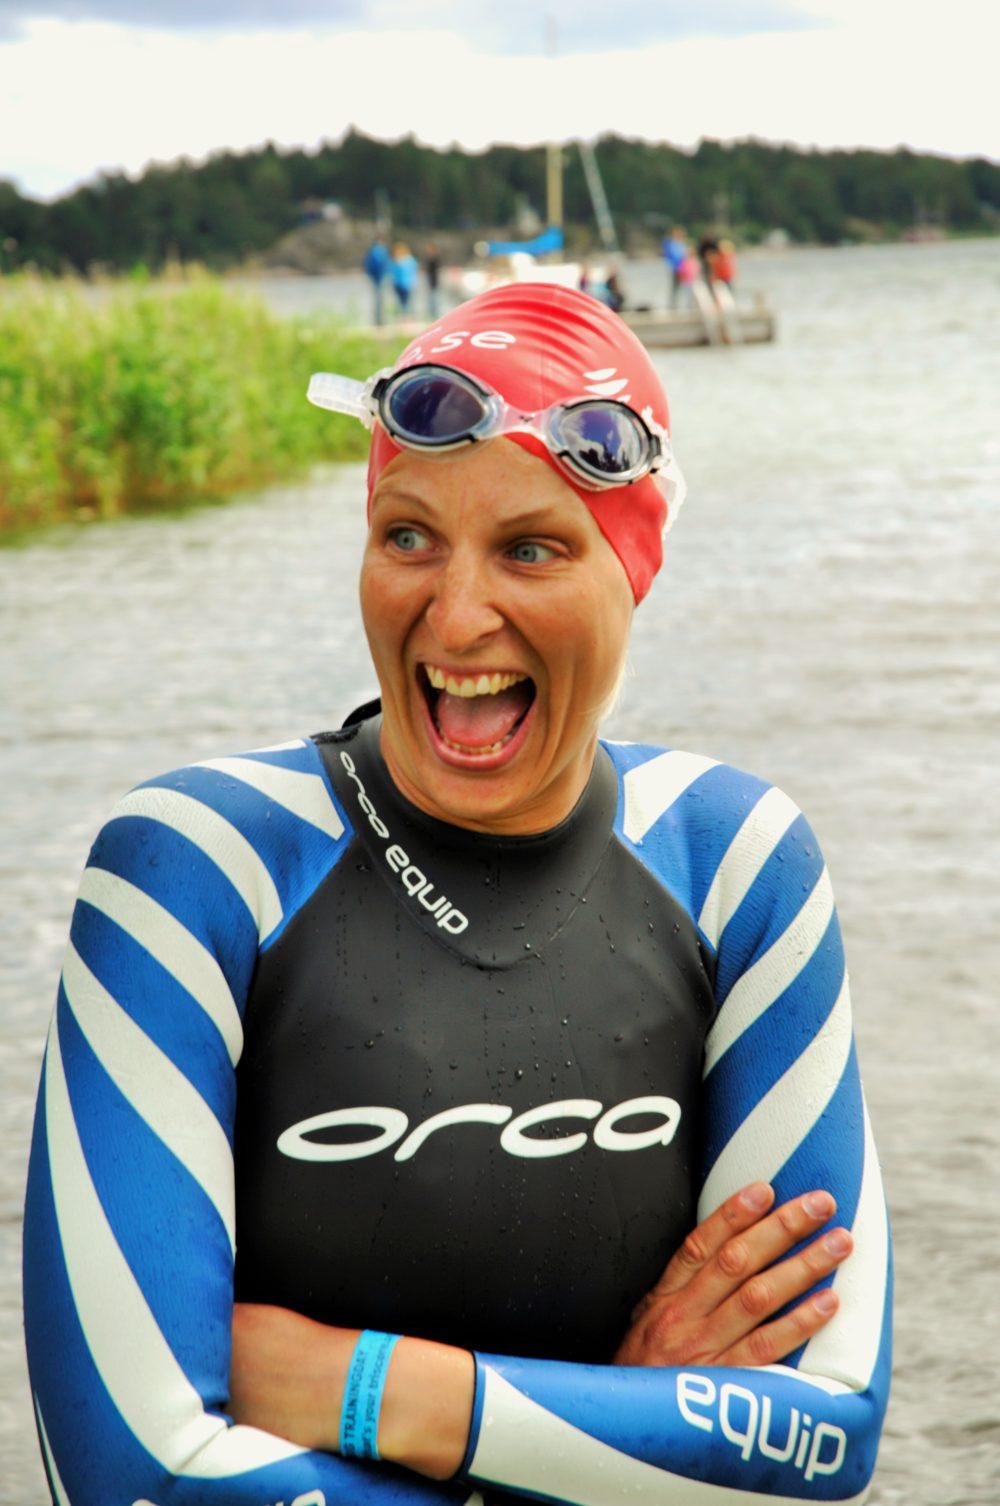 Kallt i vattnet! Foto: Triscore.se